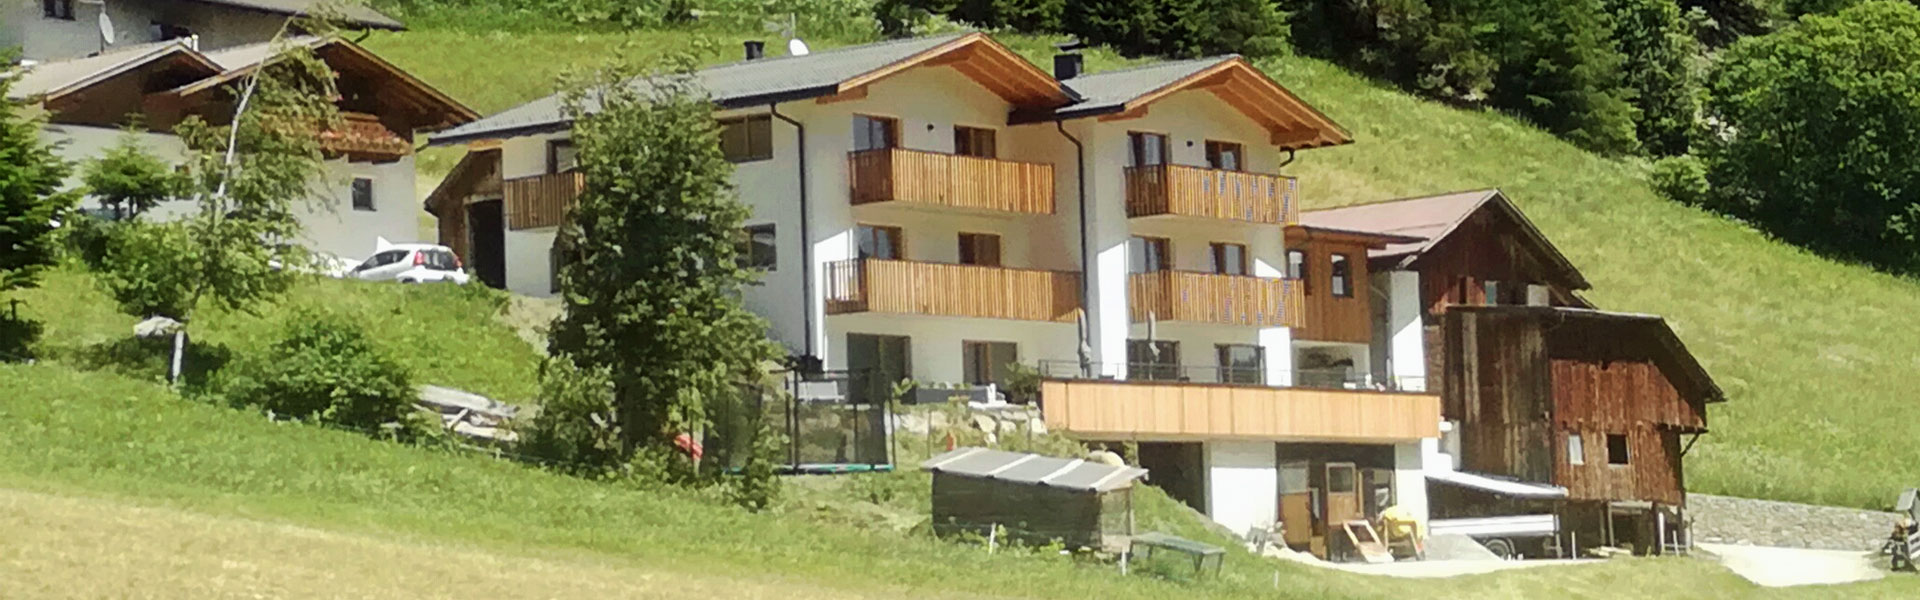 Unterlutaschg (13)